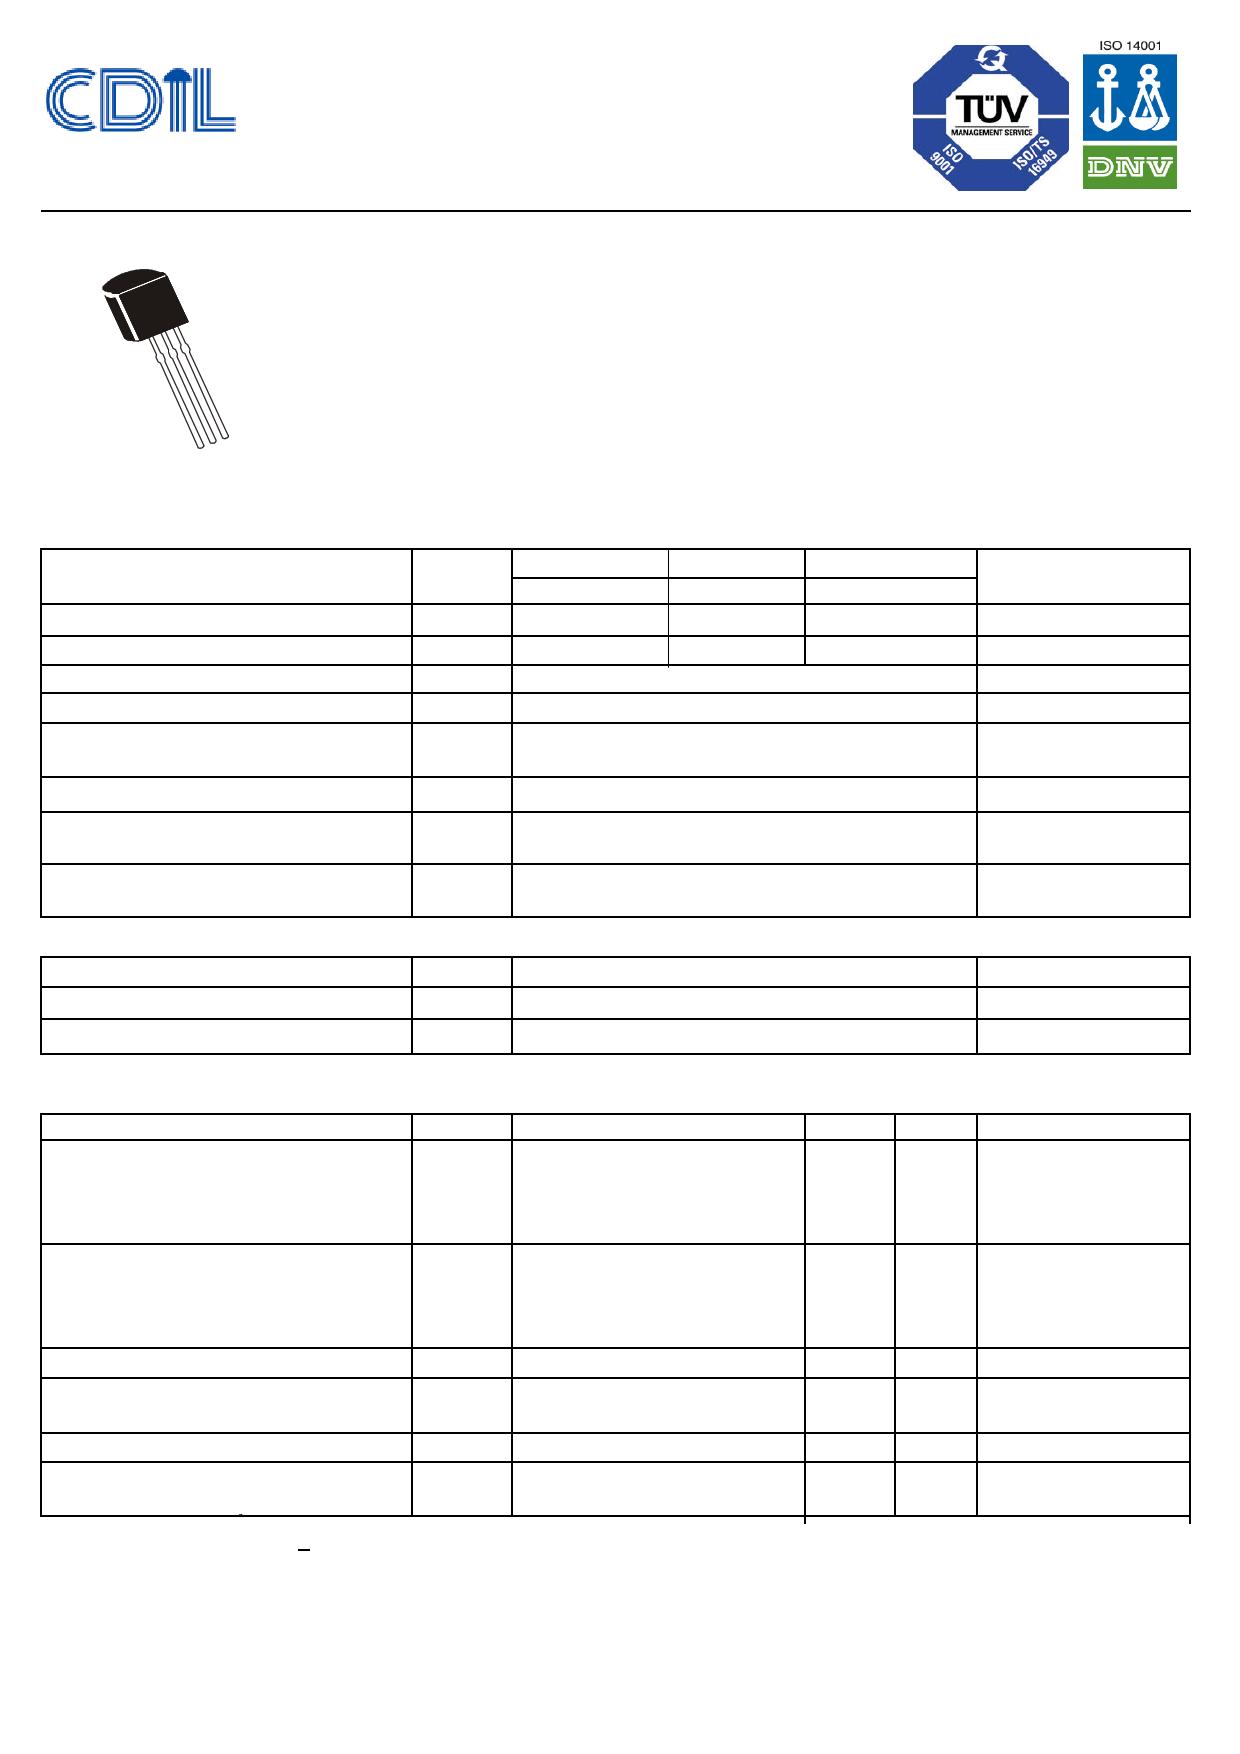 BC637 데이터시트 및 BC637 PDF